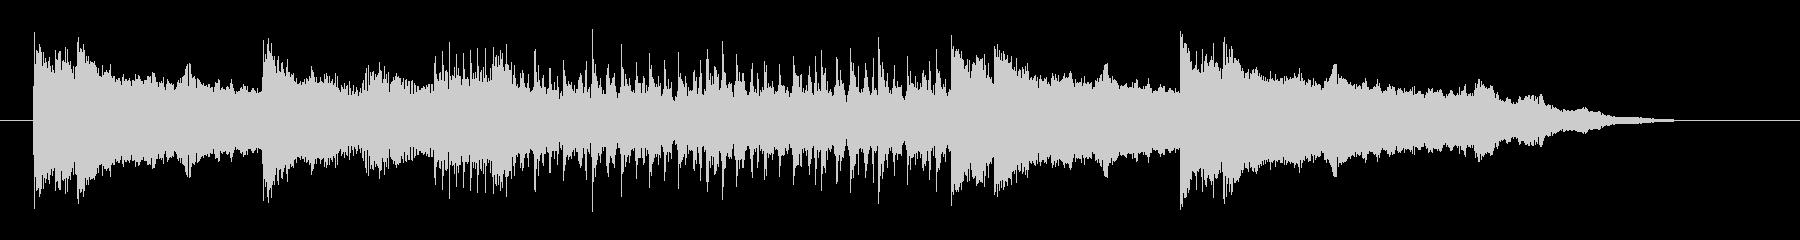 激しいメタルミュージックのサウンドロゴの未再生の波形